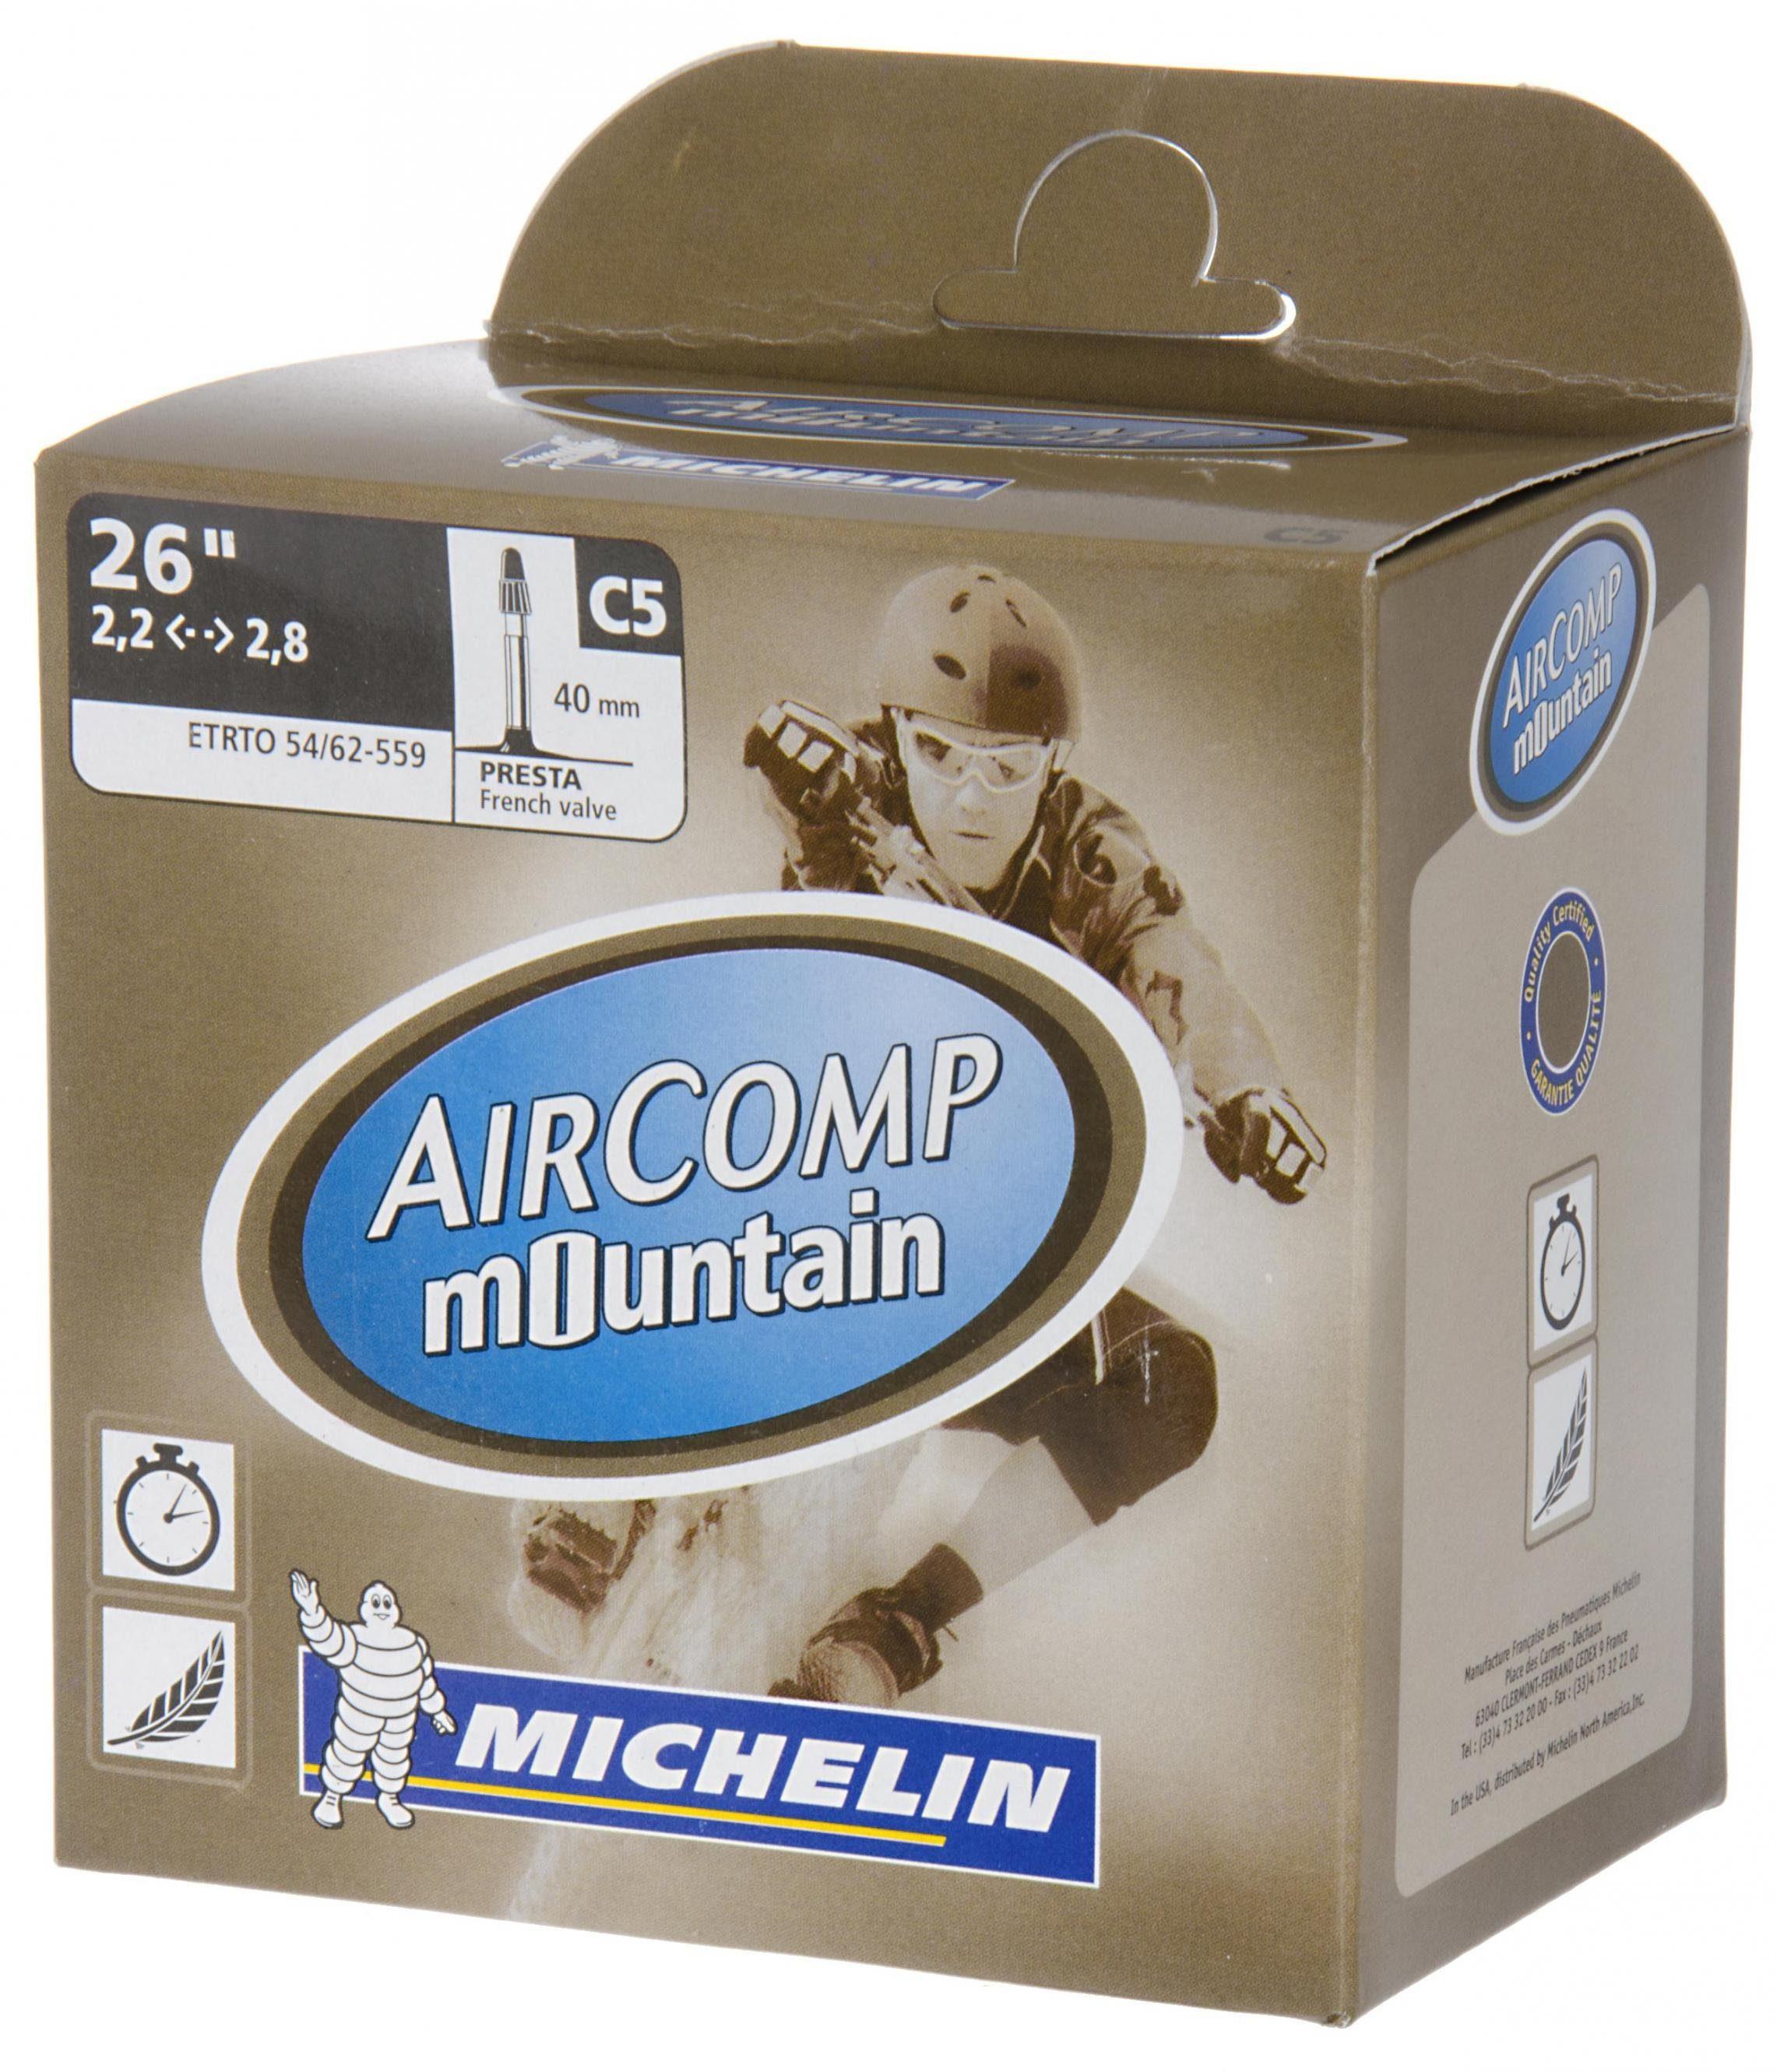 Michelin Fahrradschlauch »C5 Aircomp Fahrradschlauch 26 Zoll SV 40 mm«